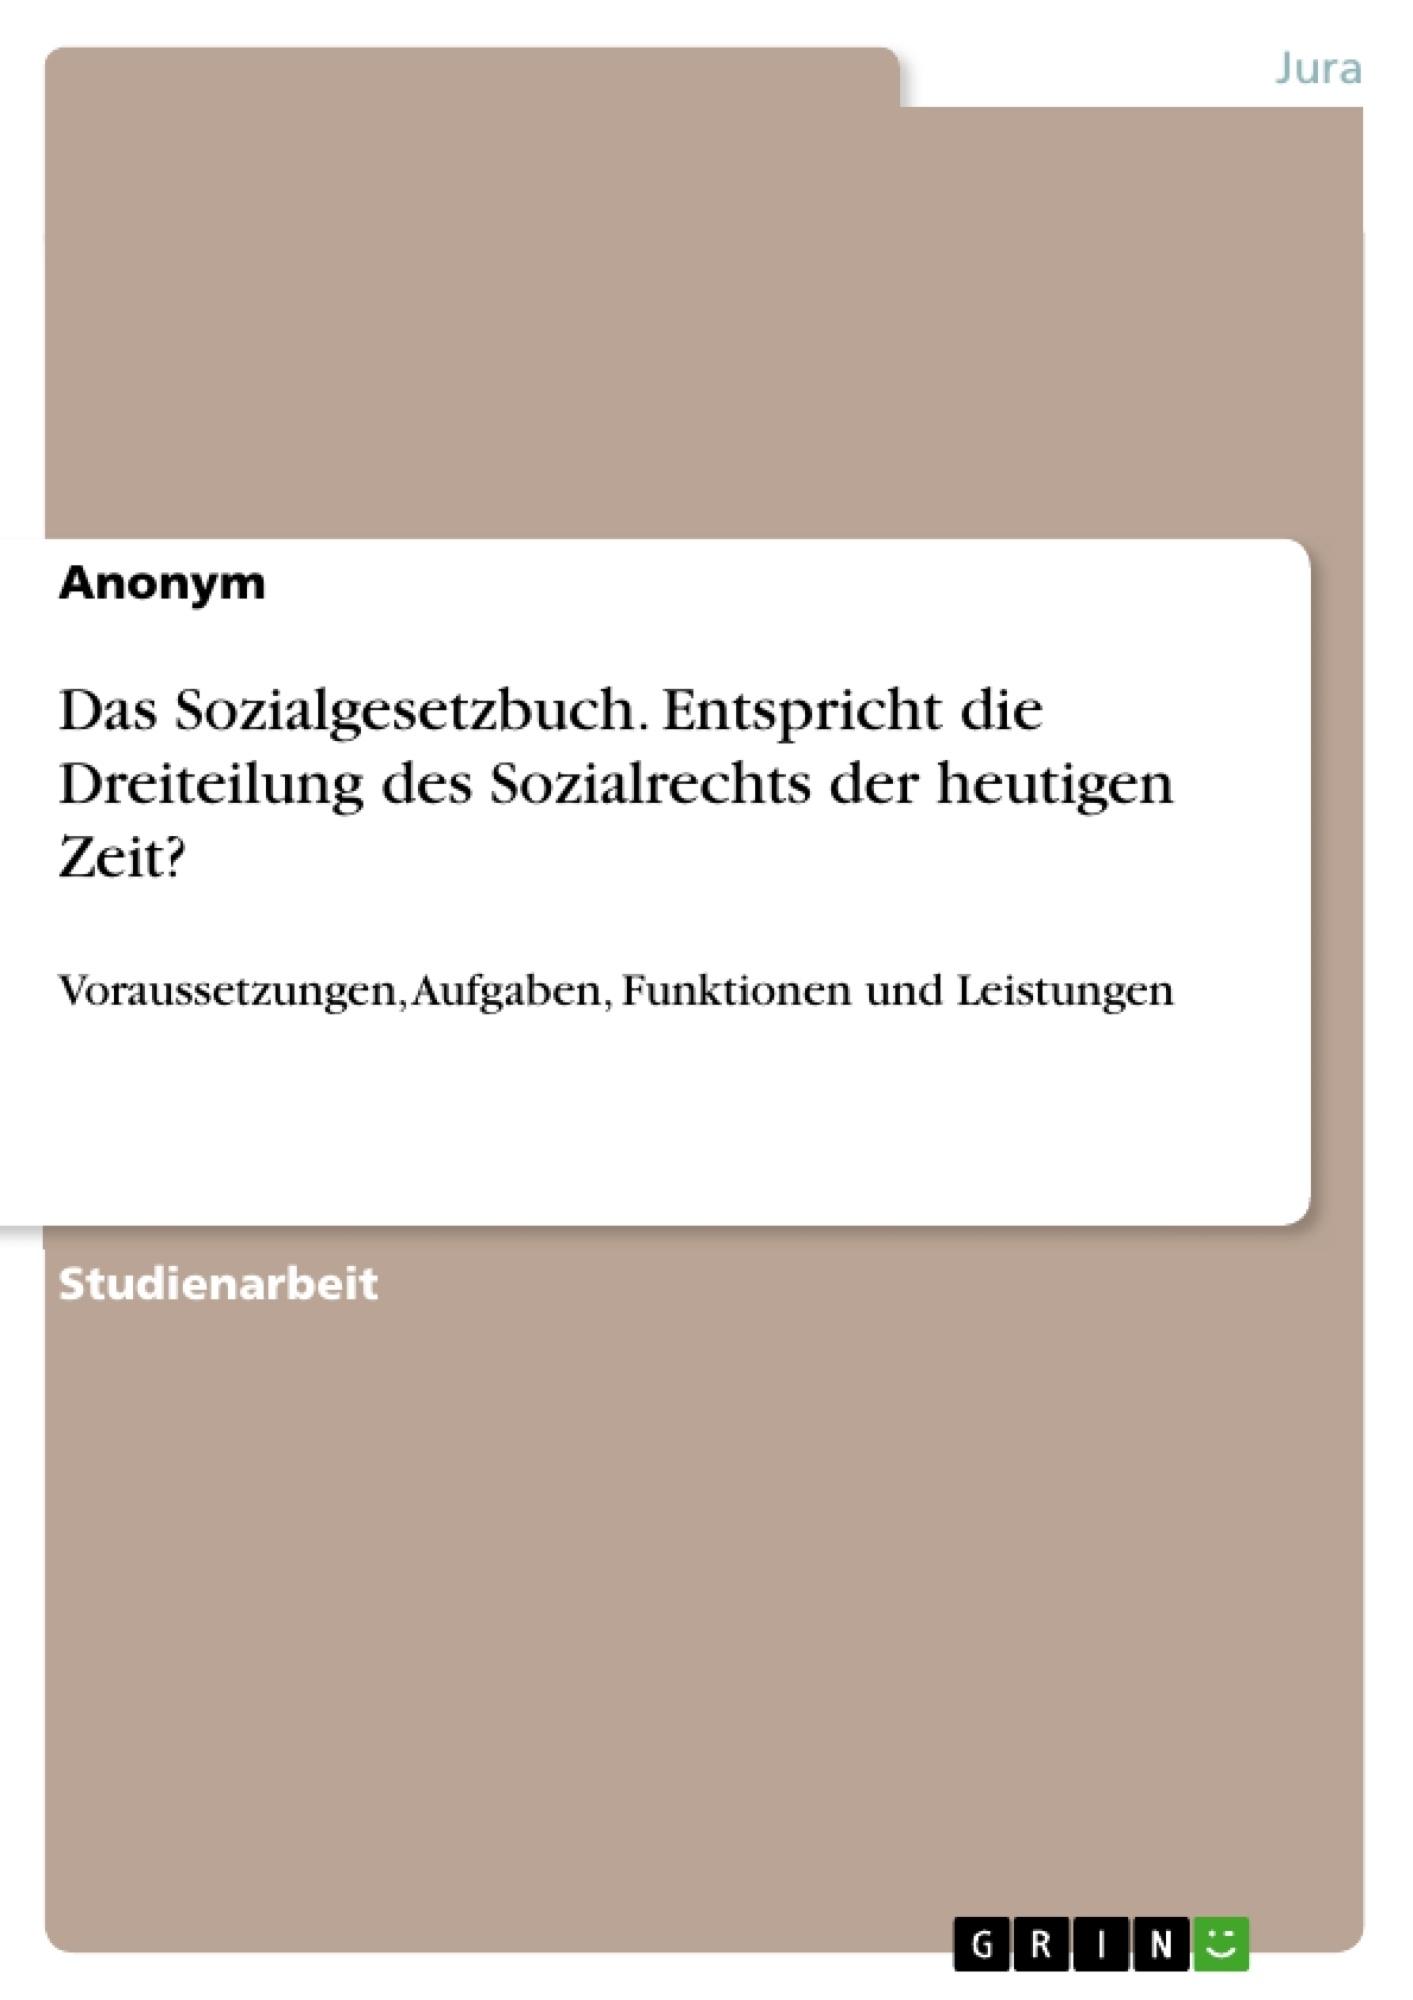 Titel: Das Sozialgesetzbuch. Entspricht die Dreiteilung des Sozialrechts der heutigen Zeit?